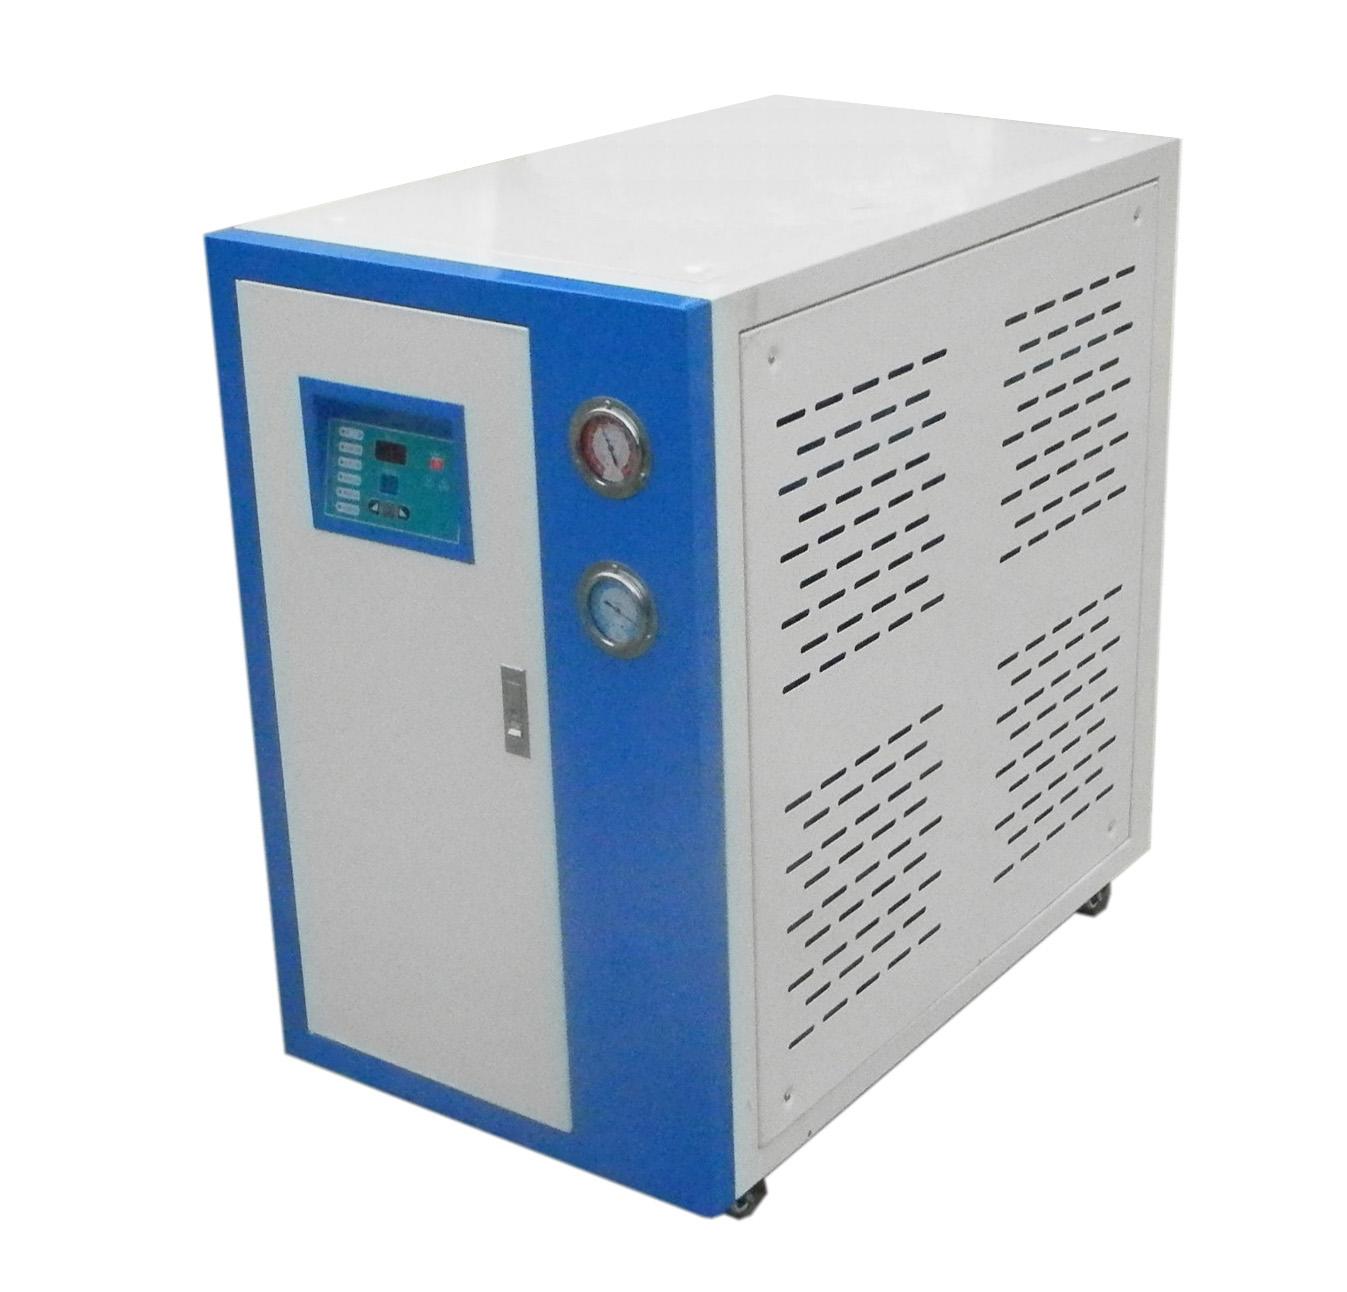 怎样选择工业冷水机组?工业冷水机组有哪些优势?